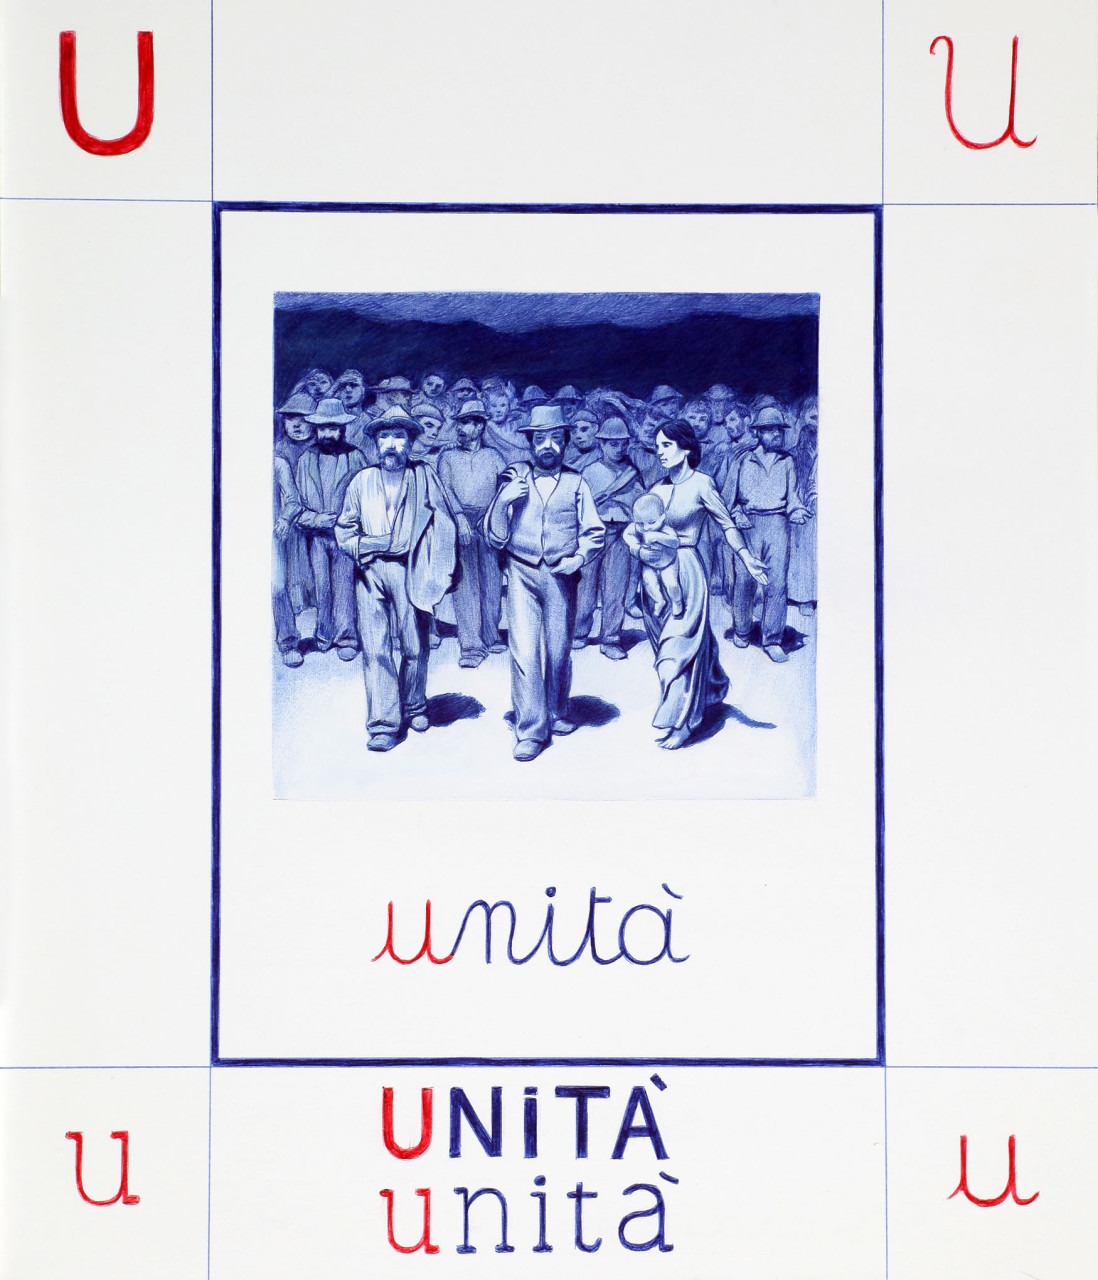 19U-unità_bassa